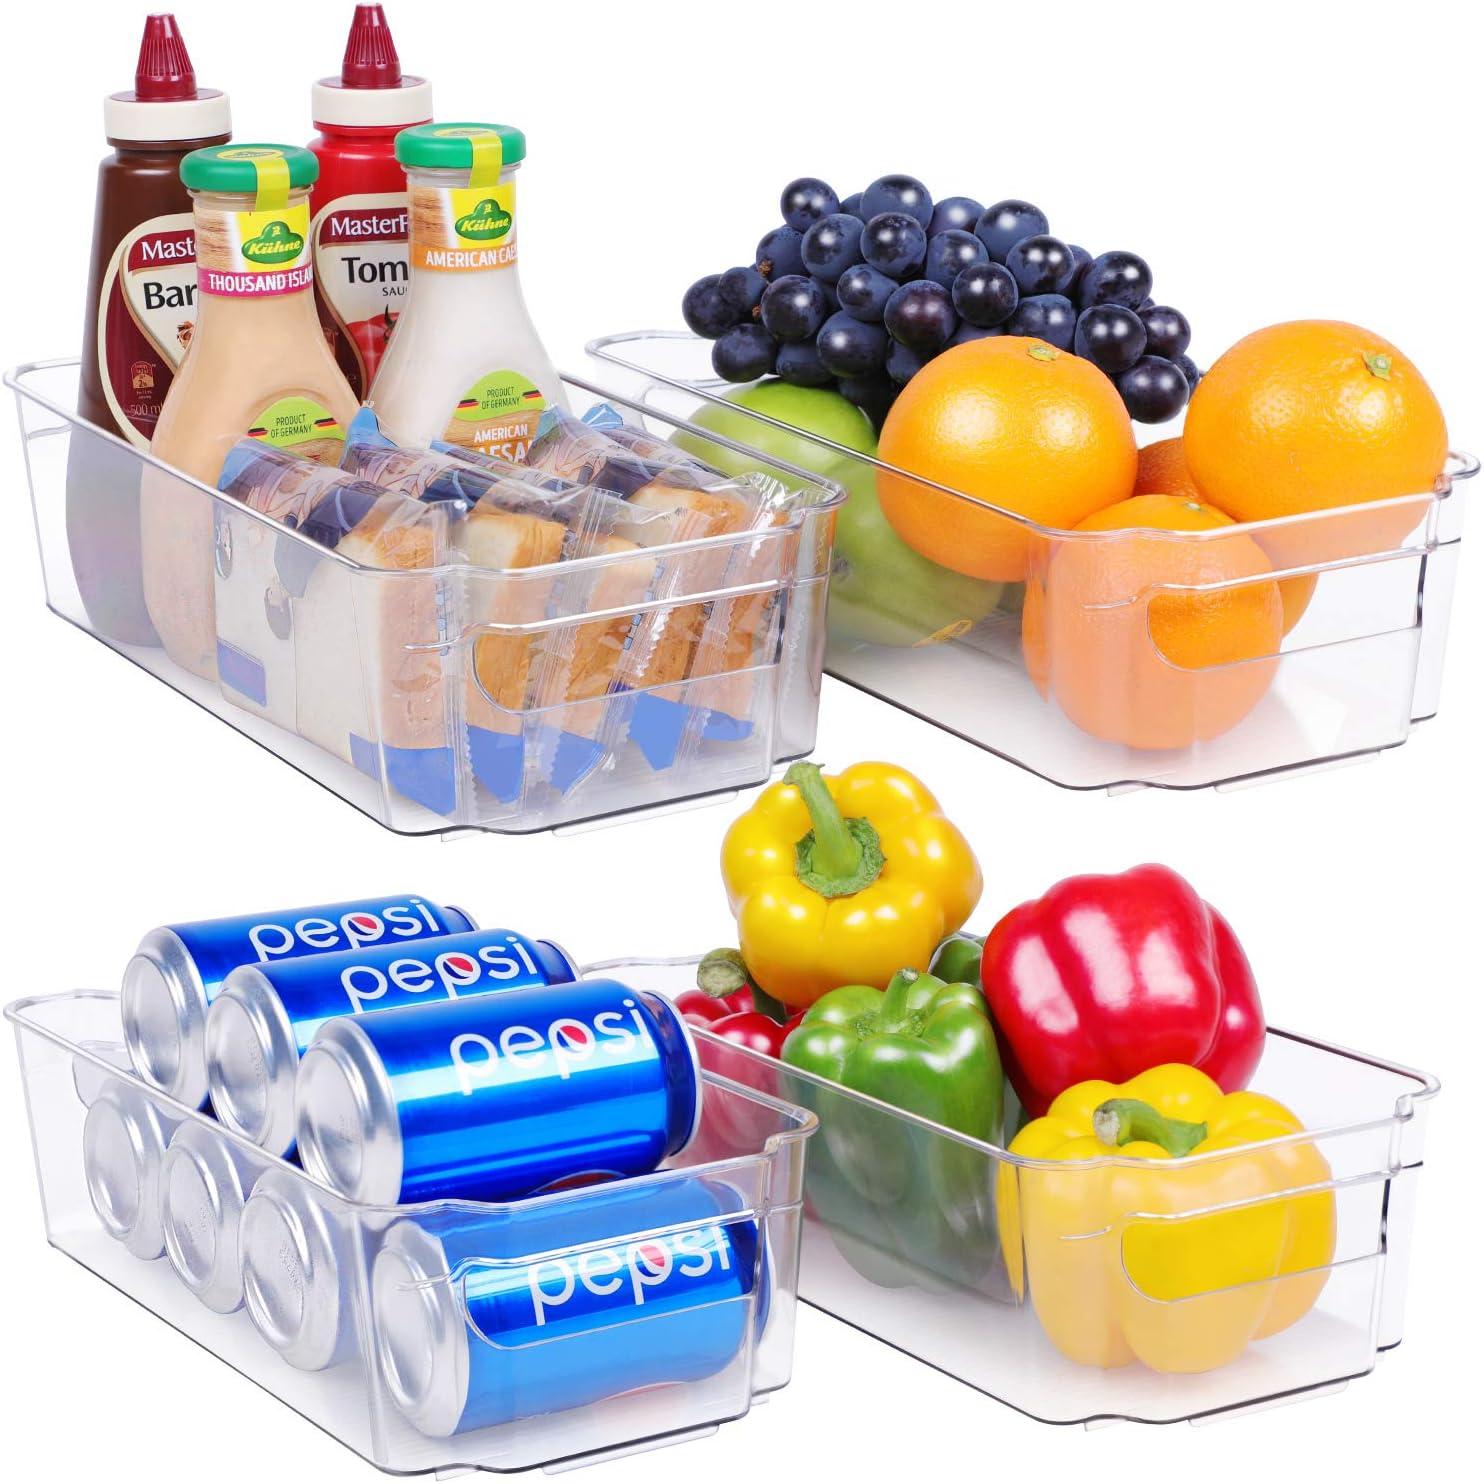 Plastic Refrigerator Organizer Bin - 4 Piece Stackable Fridge Organizer Bins for Pantry, Kitchen and Freezer Organizer, BPA-Free Clear Refrigerator Storage Bins